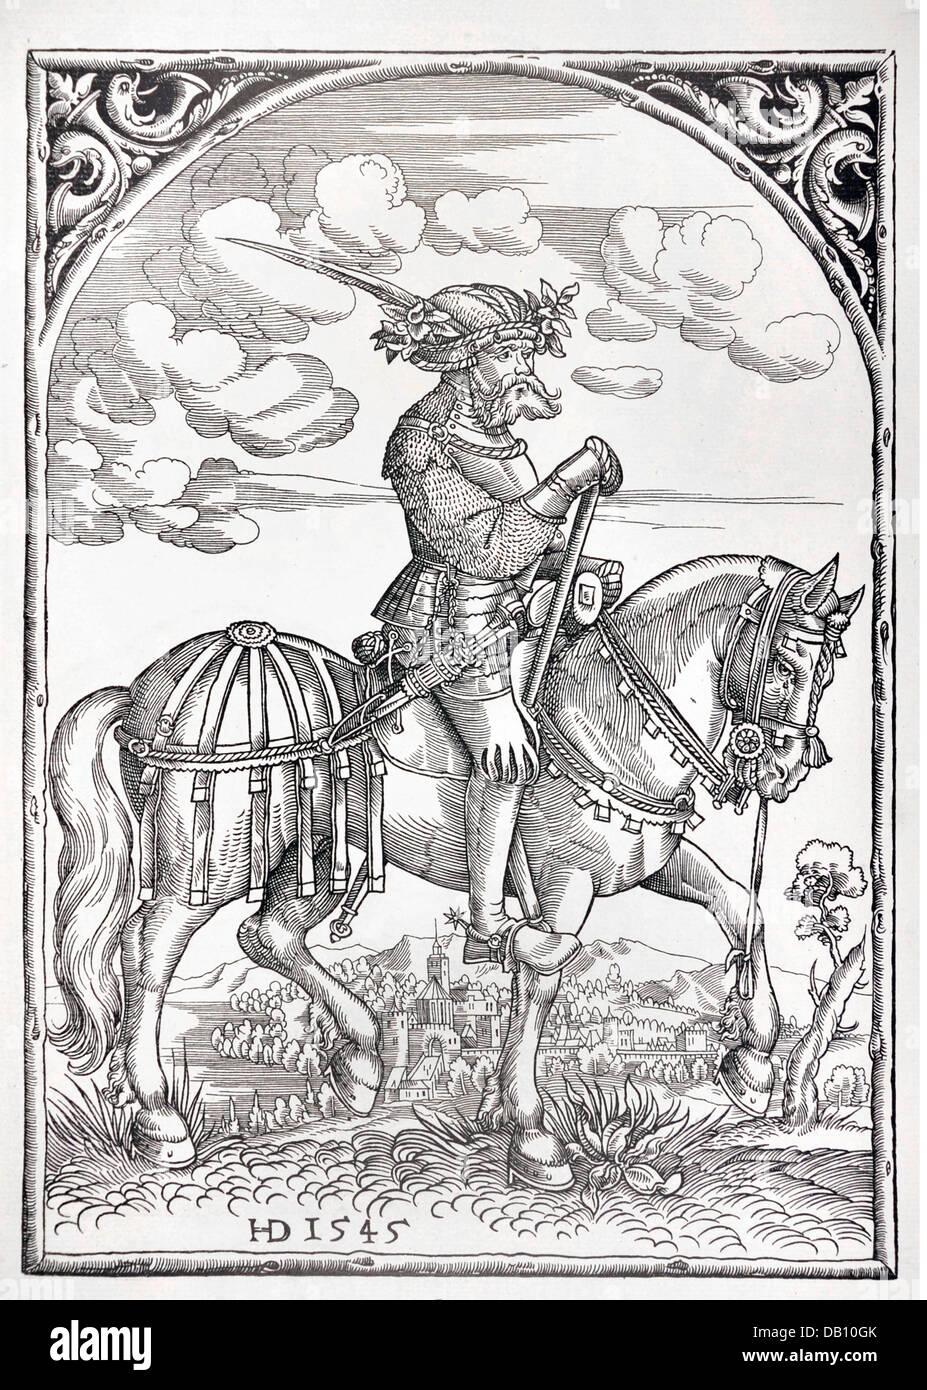 Militär, Landsknechte, Kavallerie watch-Master, volle Länge, auf Pferd, Holzschnitt, H.D., 1545, von: Stockbild